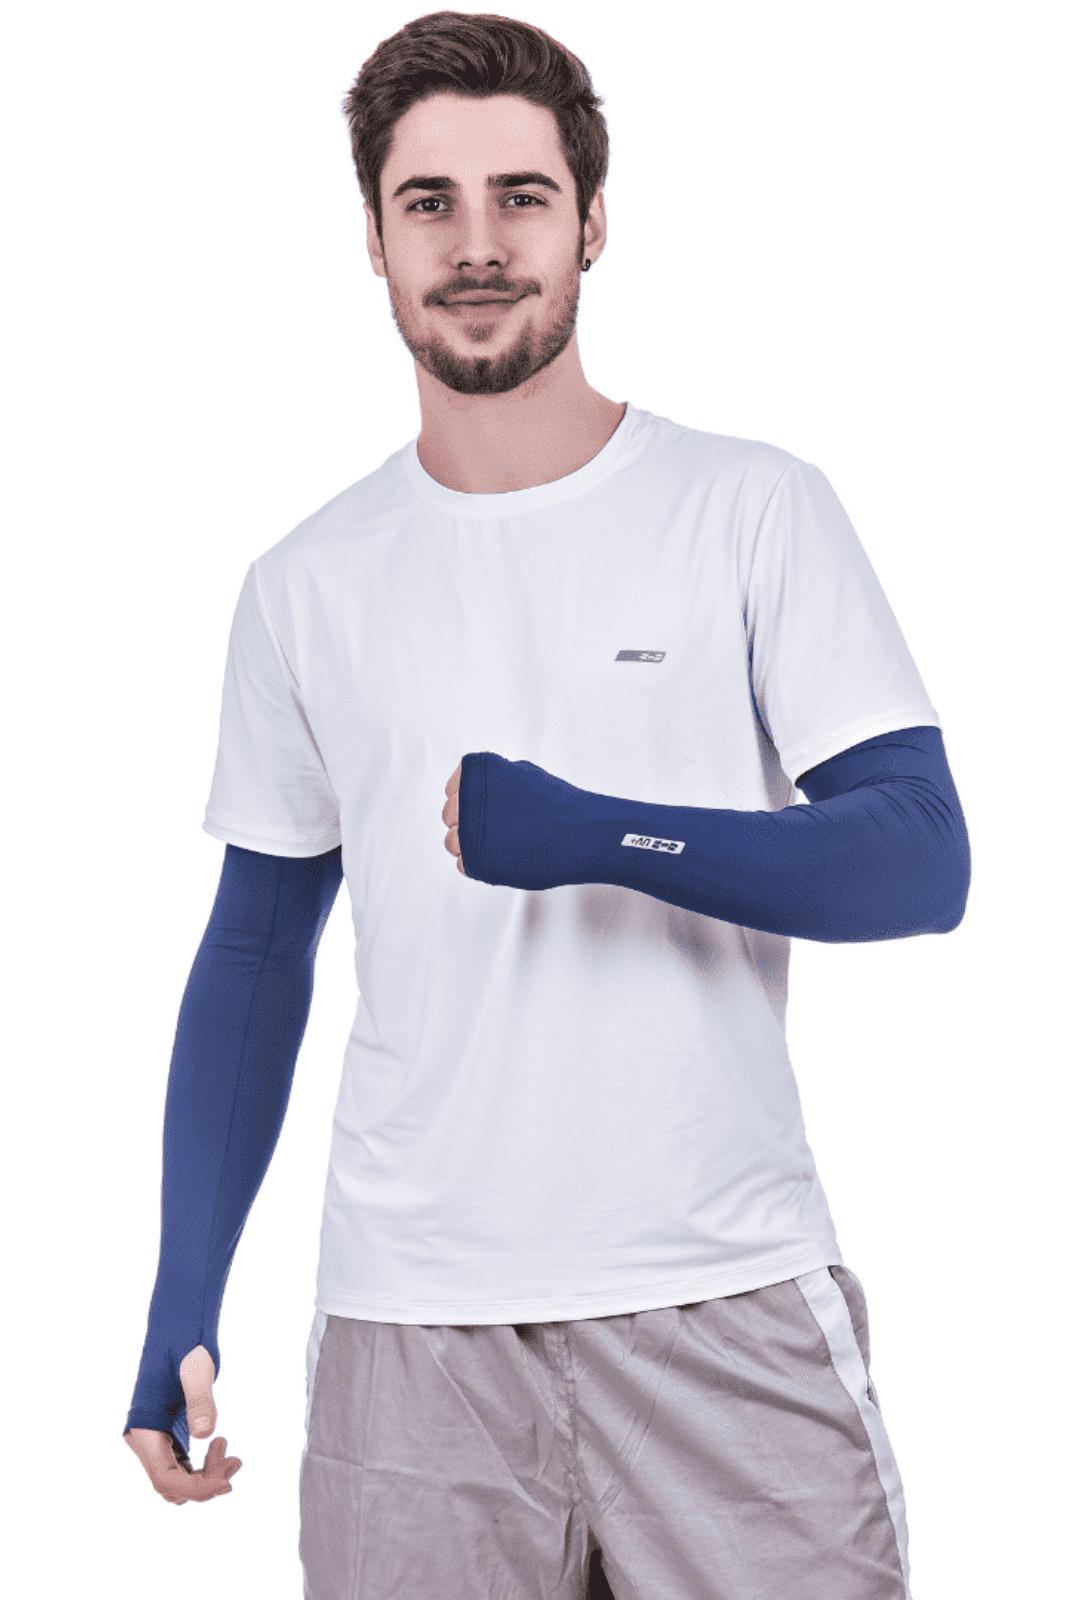 Par de Manguito Liso Proteção para Braços UV 50+ com Punho Azul